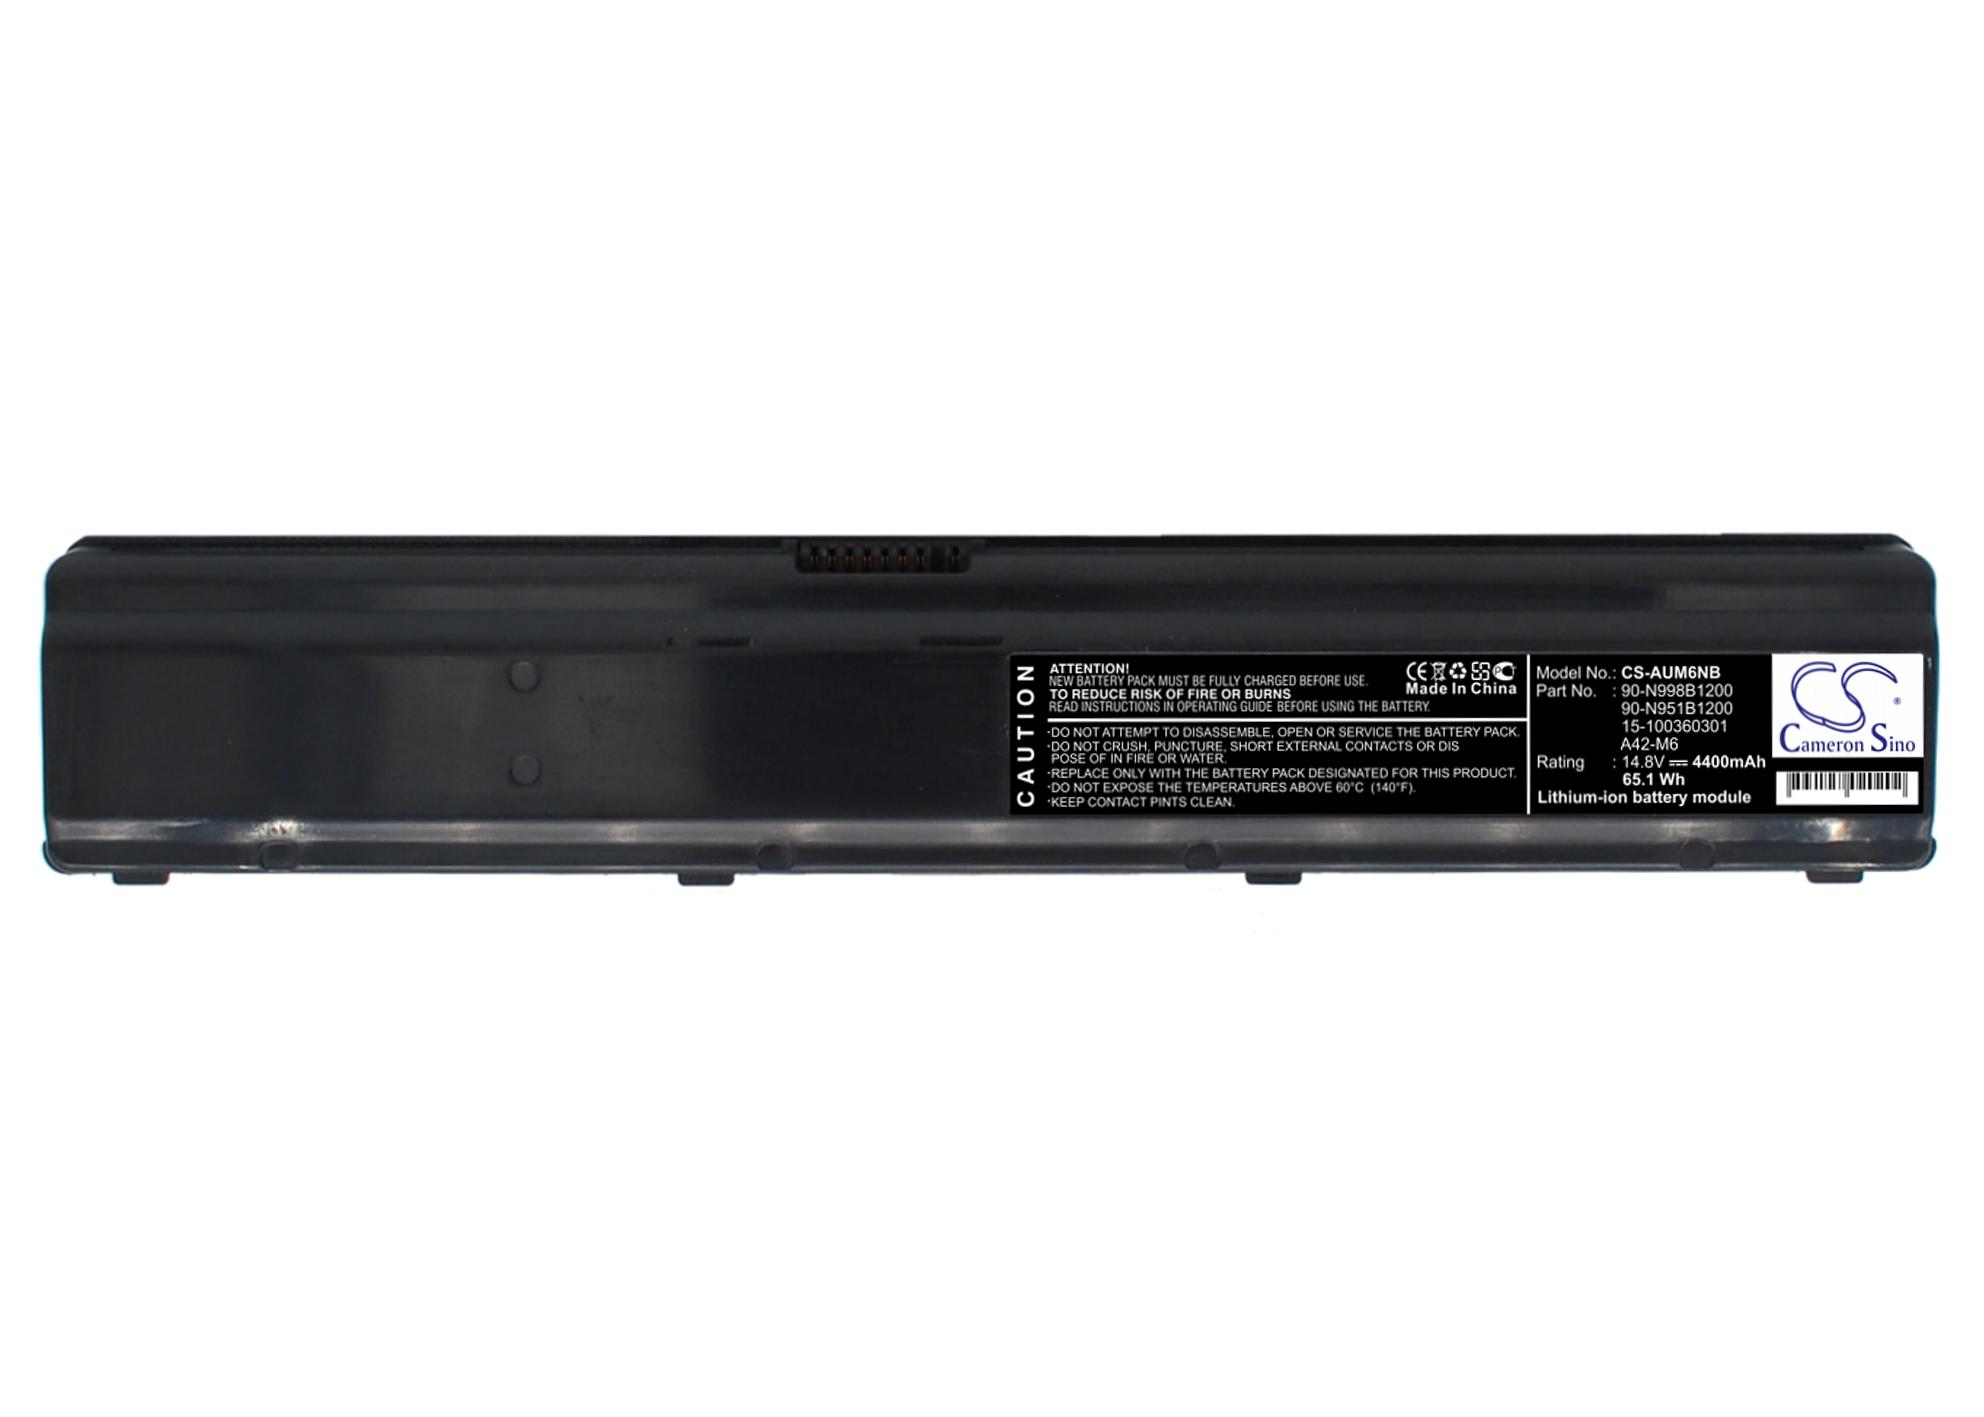 Cameron Sino baterie do notebooků pro ASUS M6Va 14.8V Li-ion 4400mAh černá - neoriginální